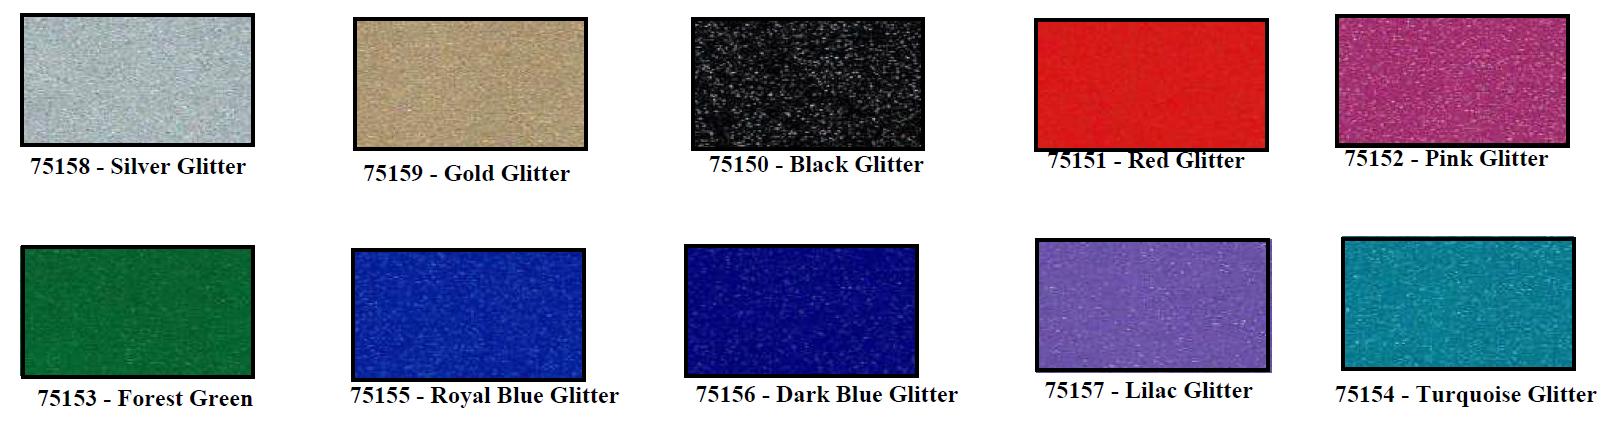 smf glitter color card